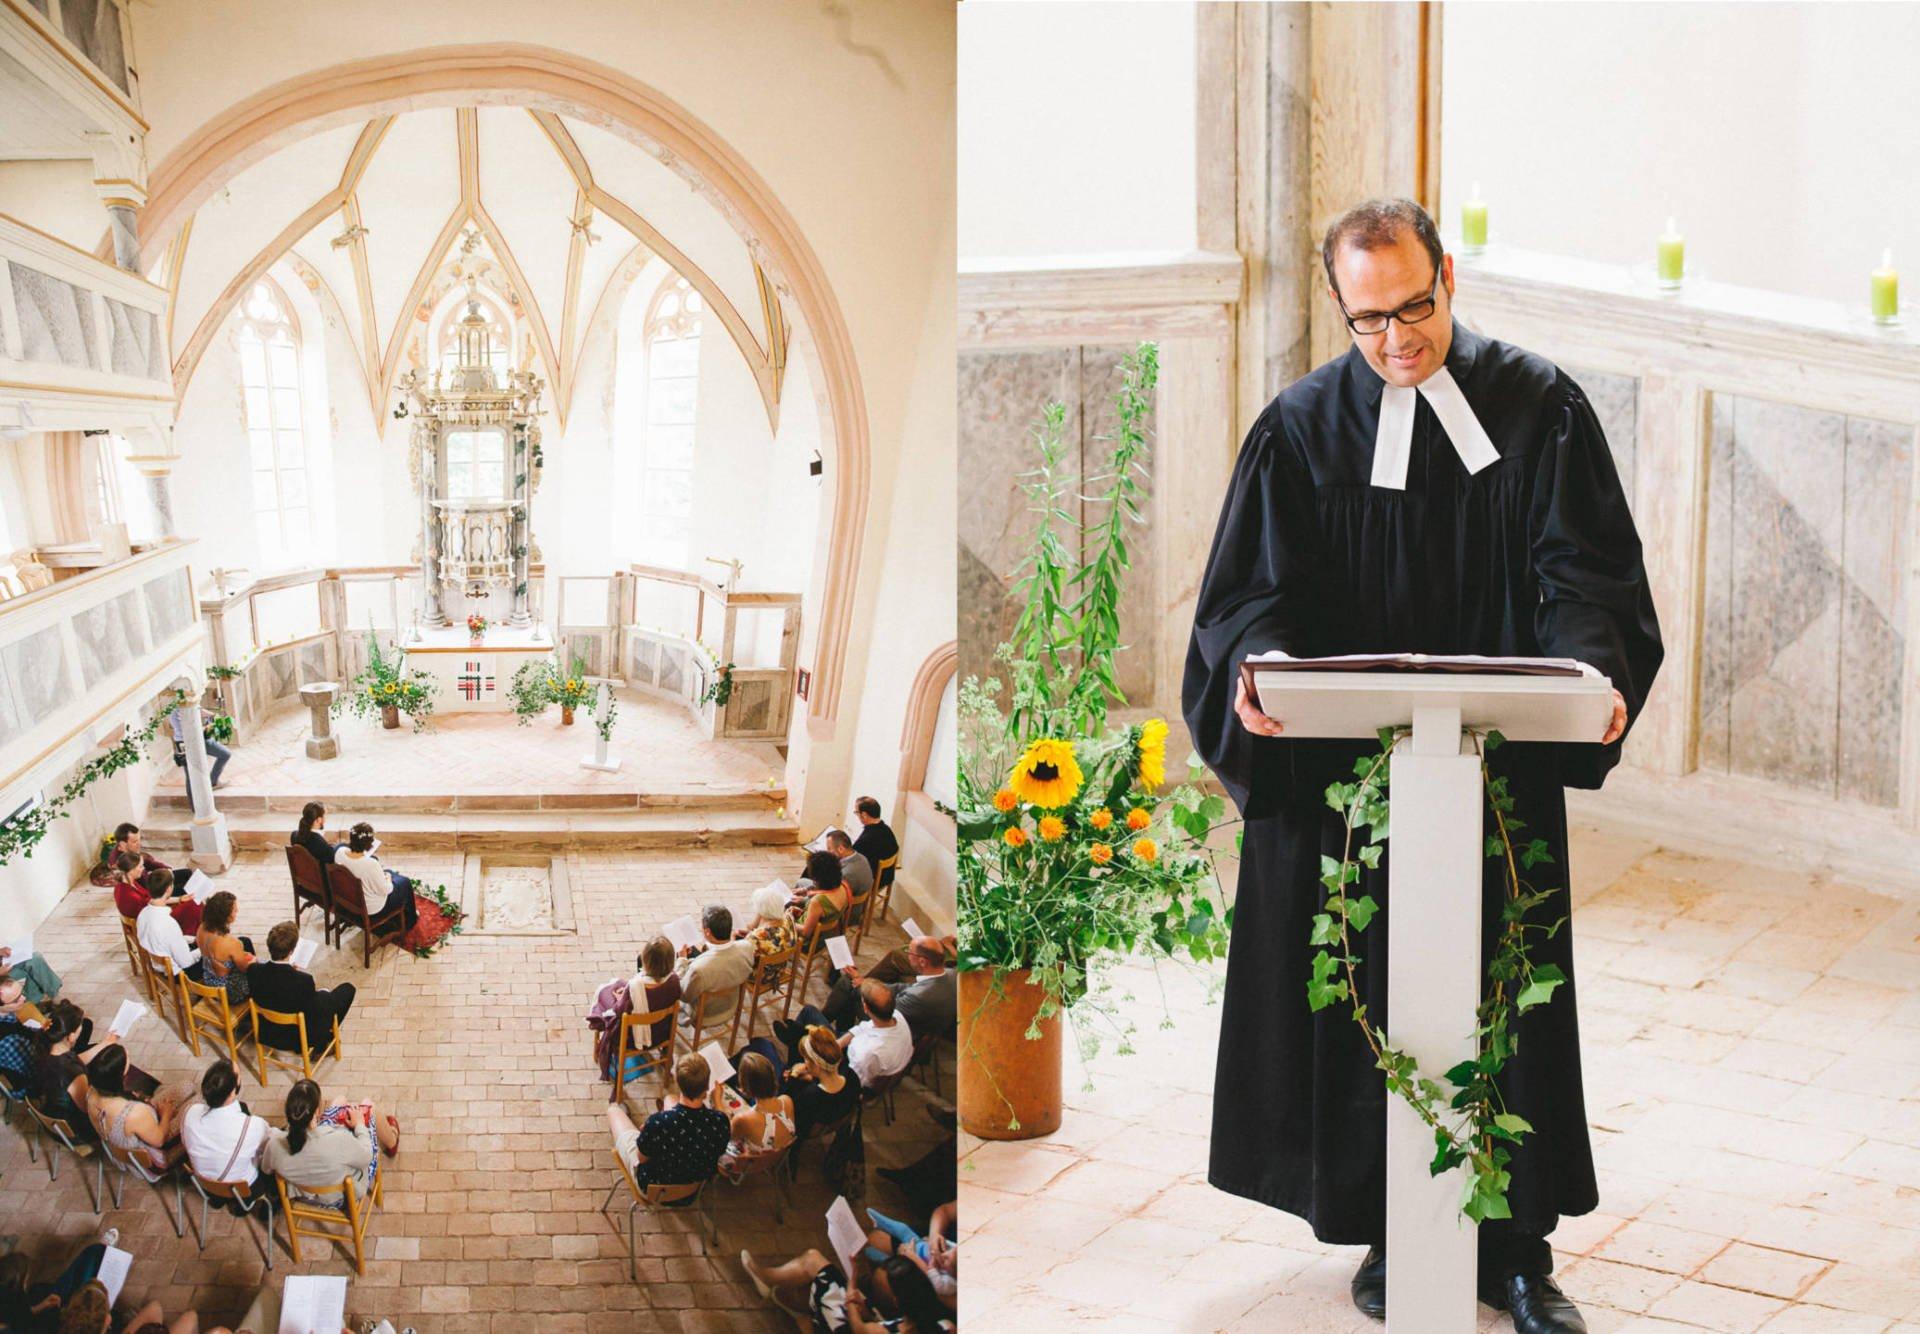 Hochzeitsreportage | Hochzeit in Kreuzgewölbe Schöngleina | 6